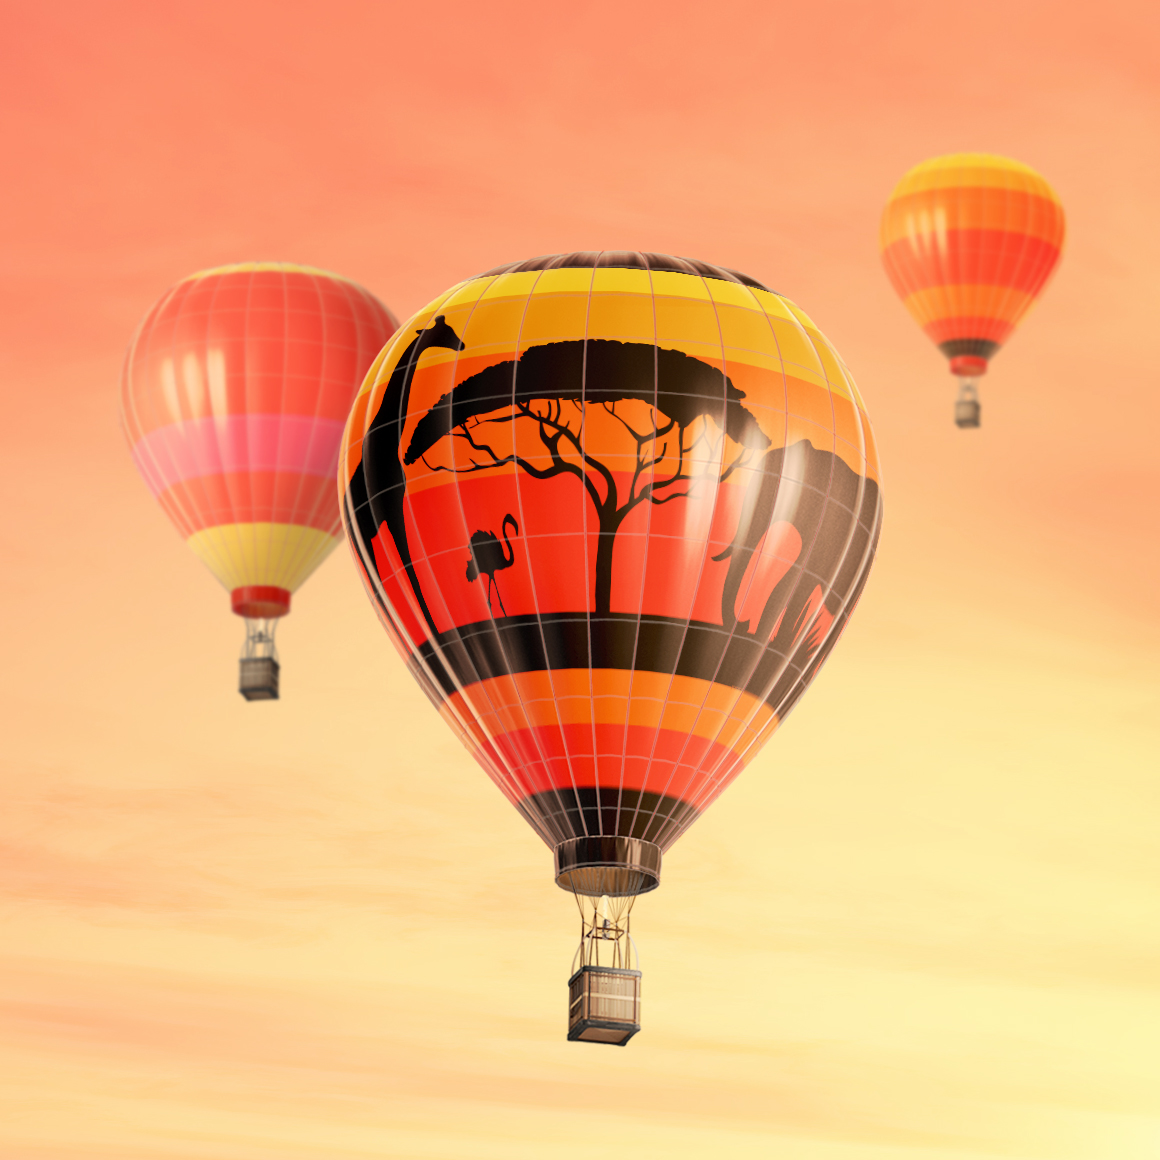 Hot Air Balloon Mockup example image 5